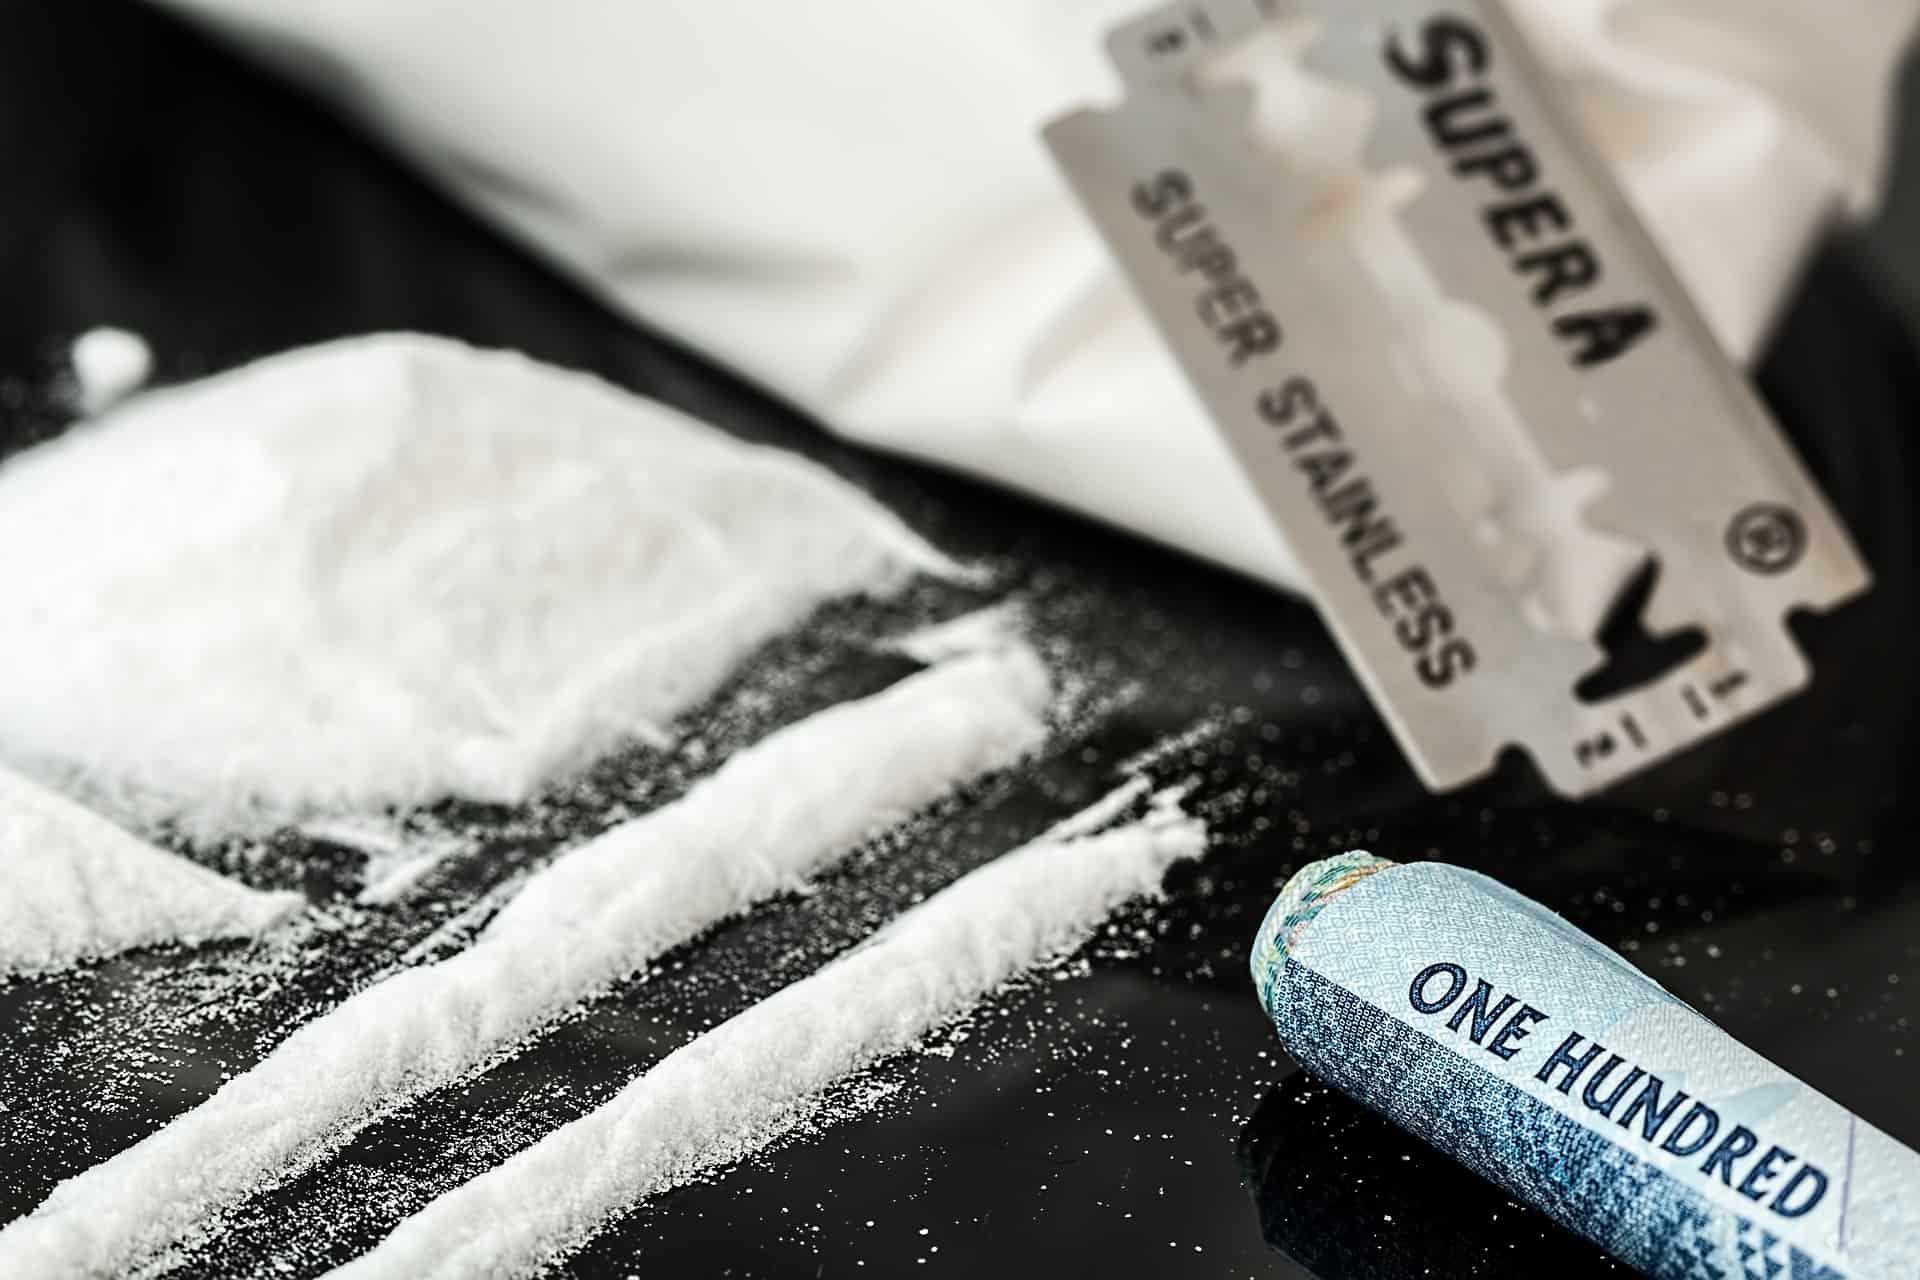 Cocaine identification